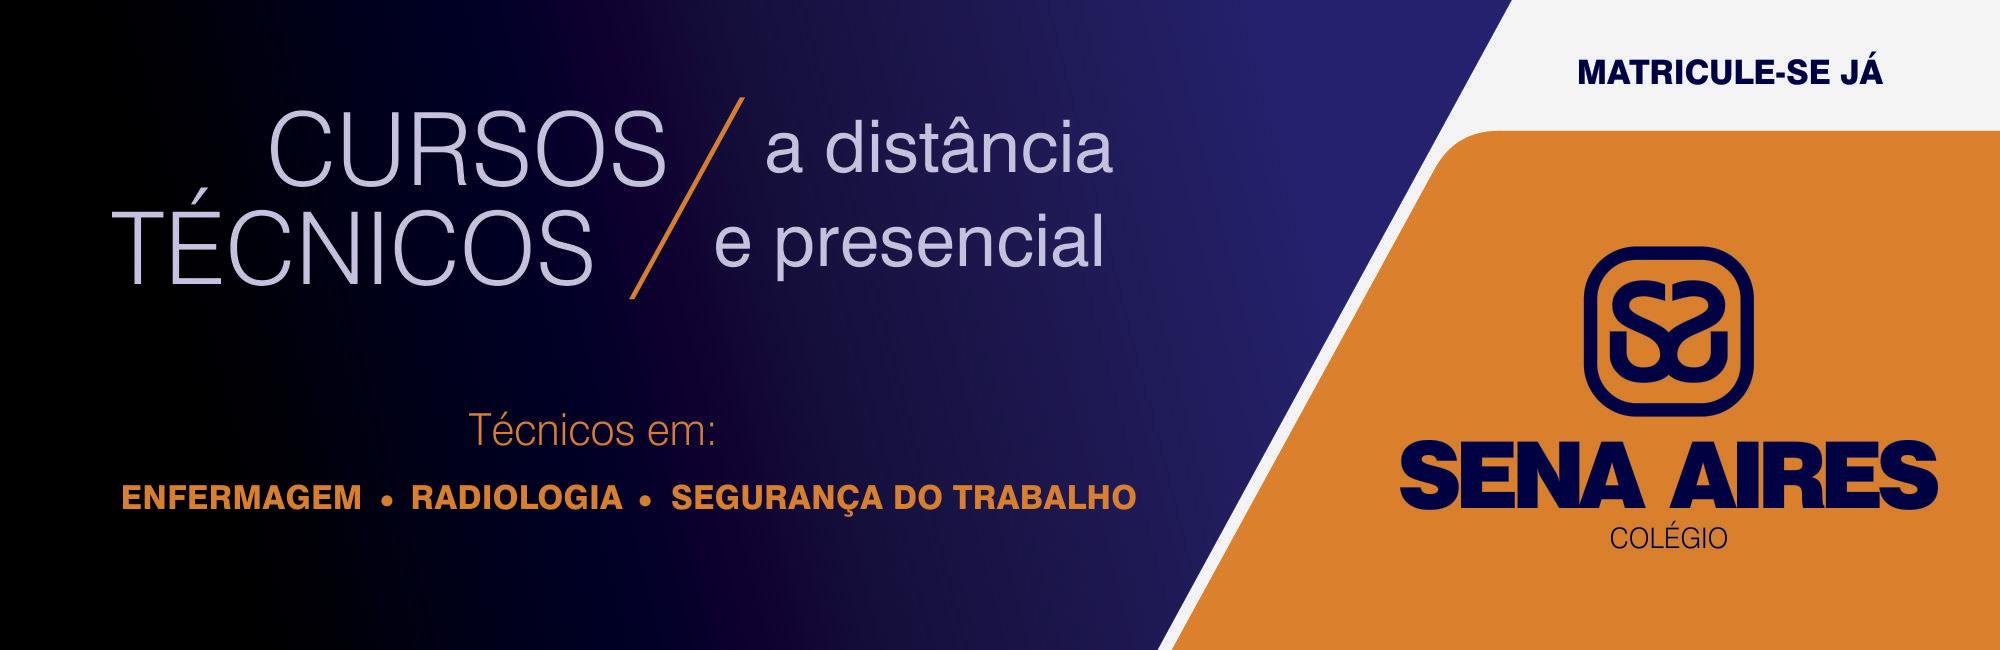 Banner Cursos Técnicos Presenciais